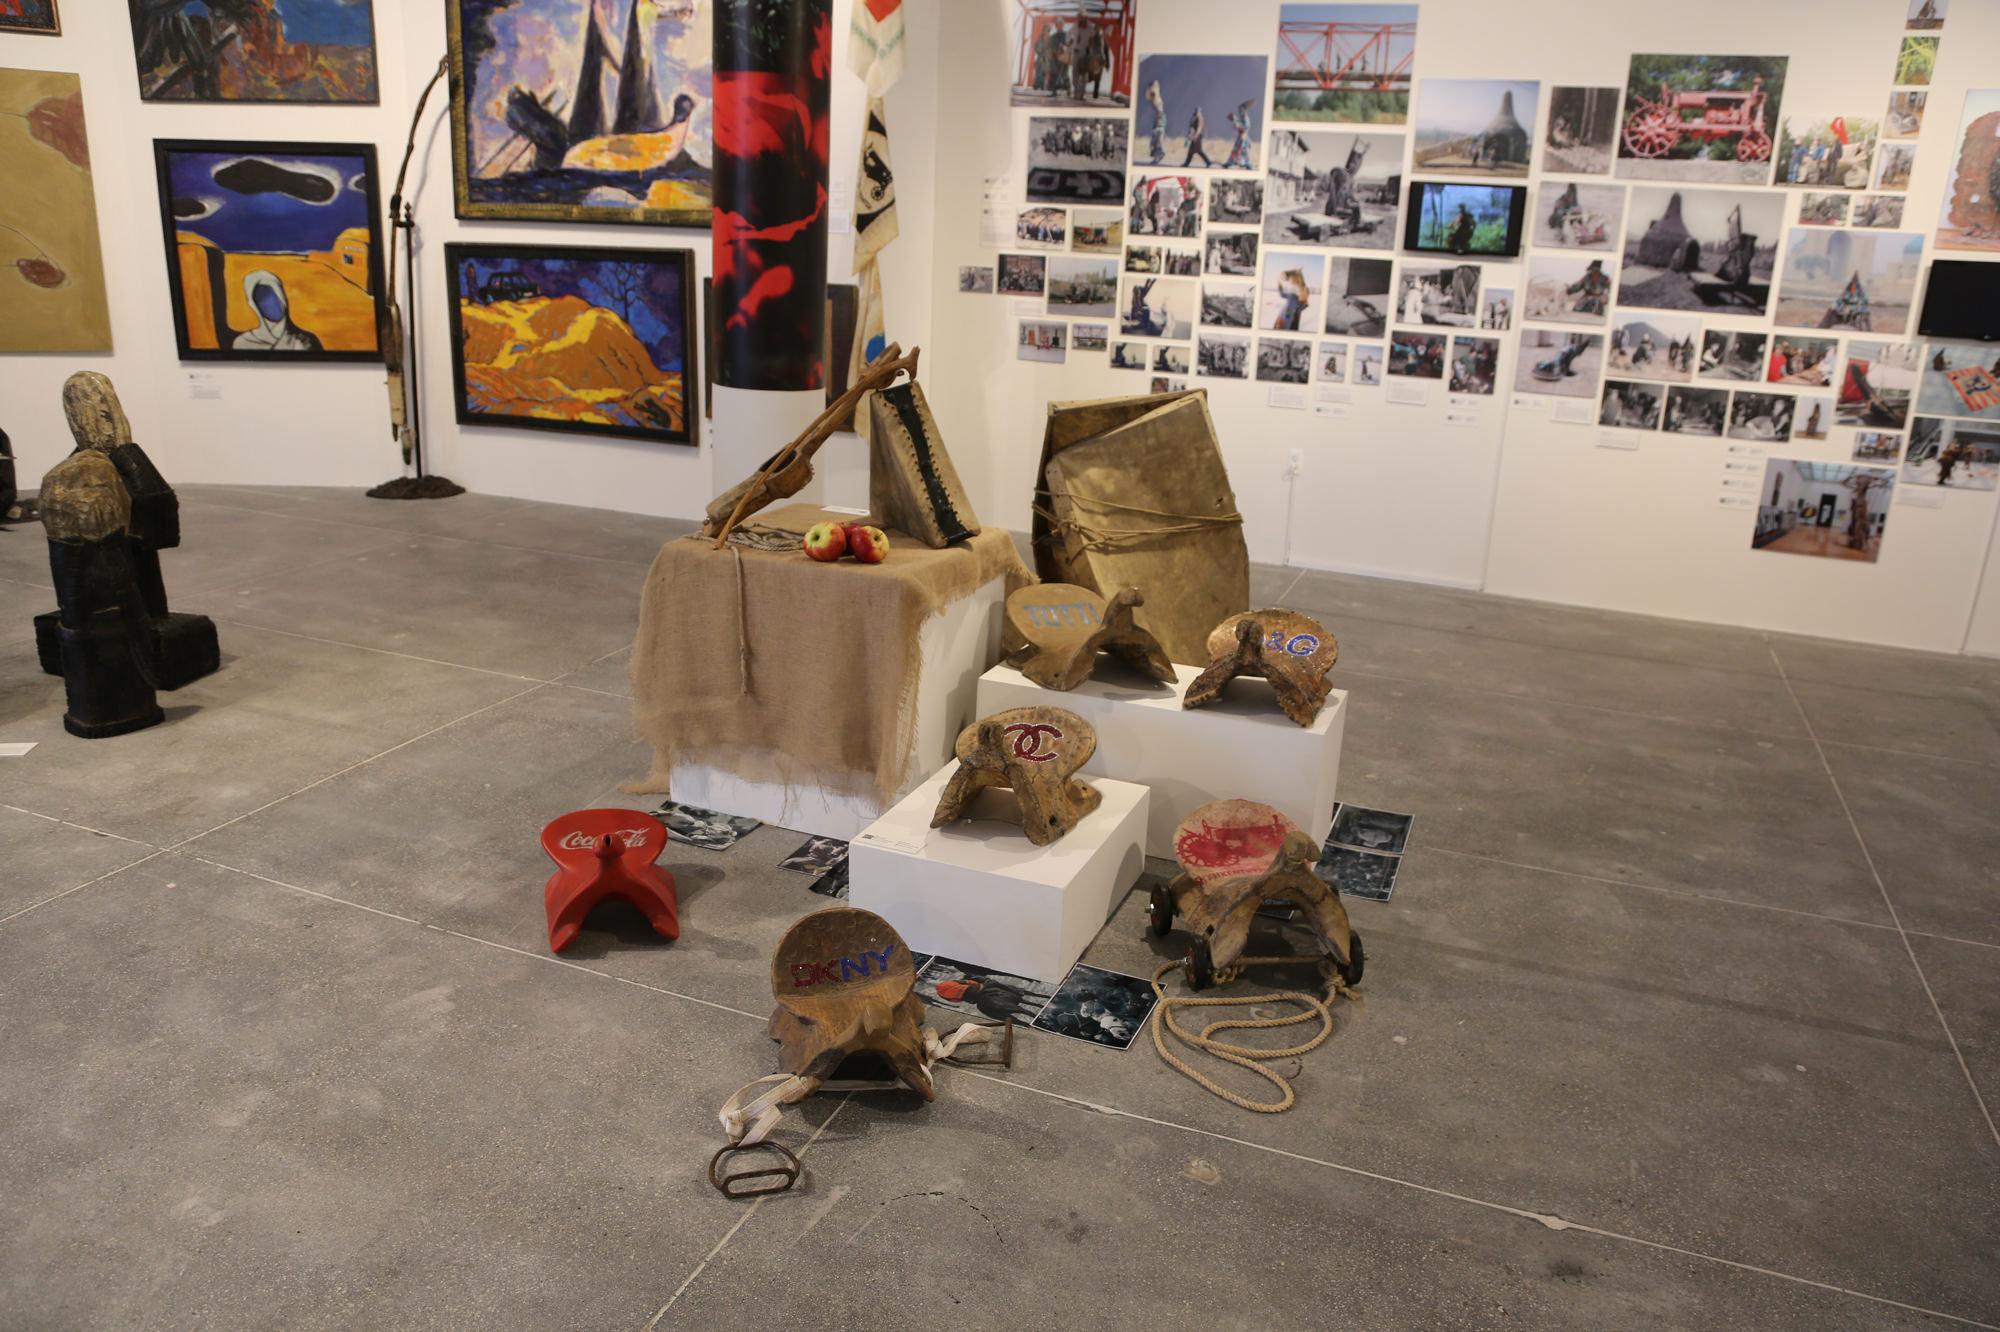 Экспонат выставки казахстанской арт-группы Кызыл Трактор, проходящей в Нью-Йорке